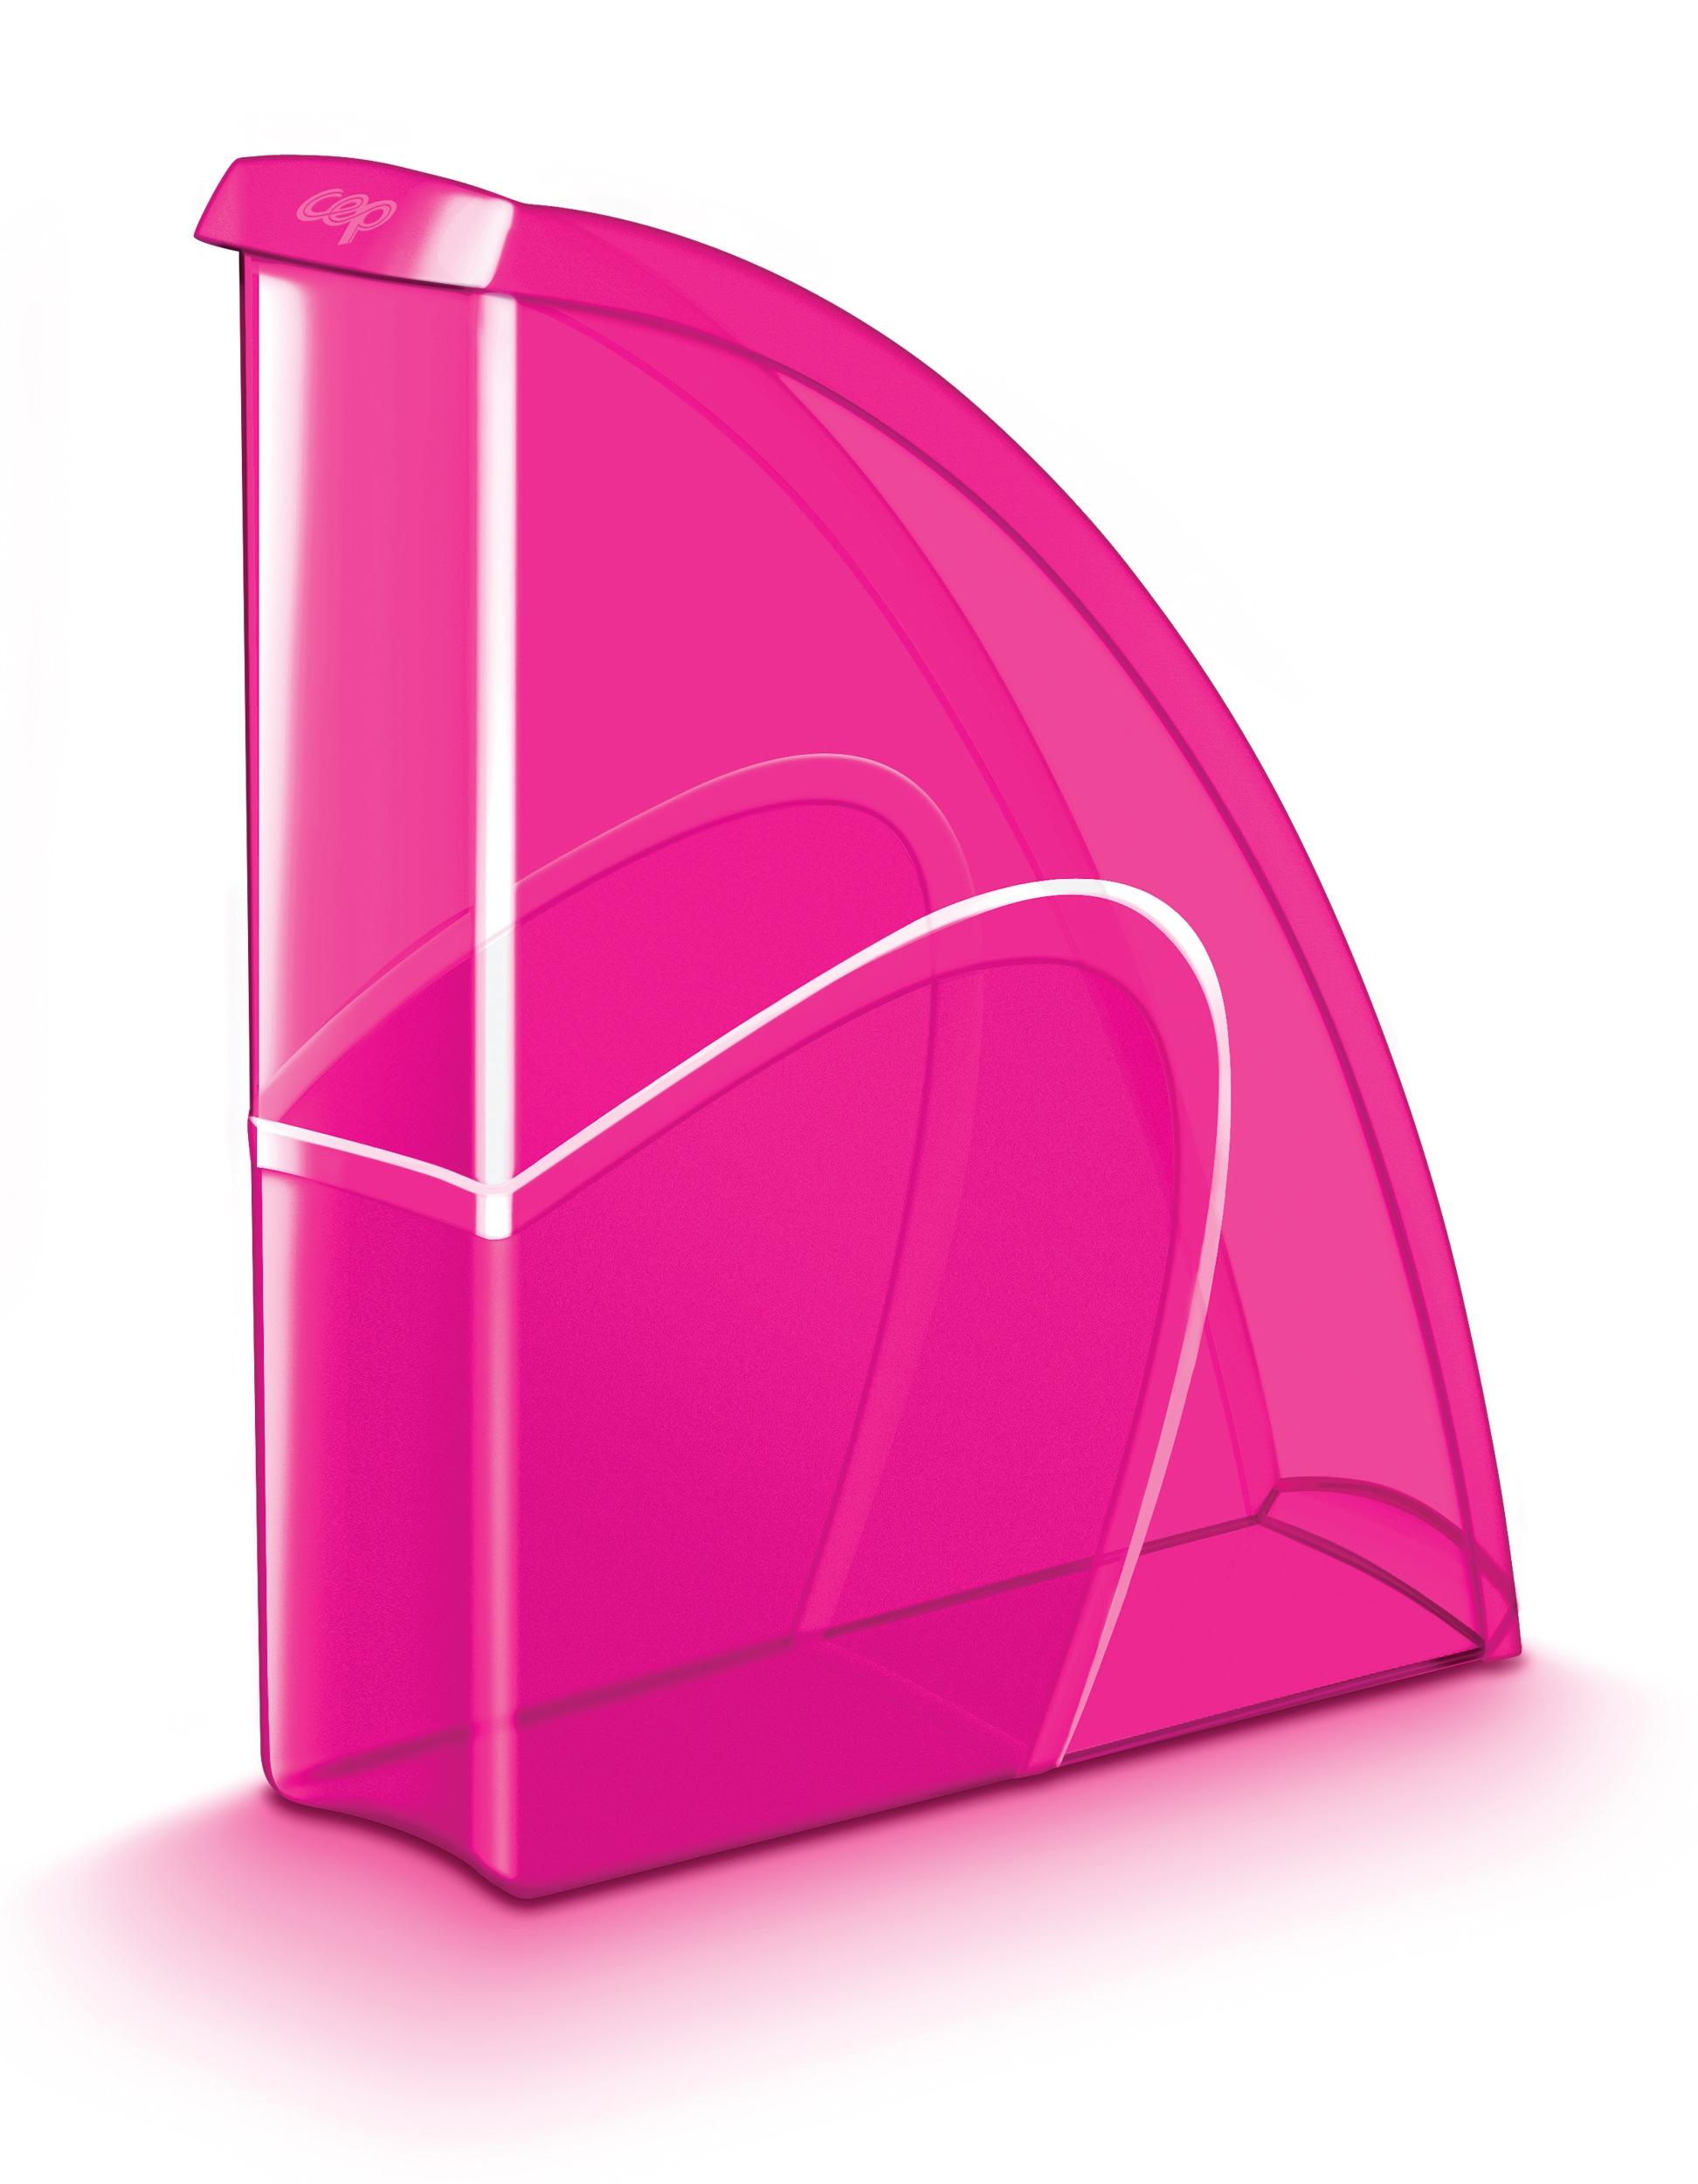 CepPro Happy Magazine Rack Pink